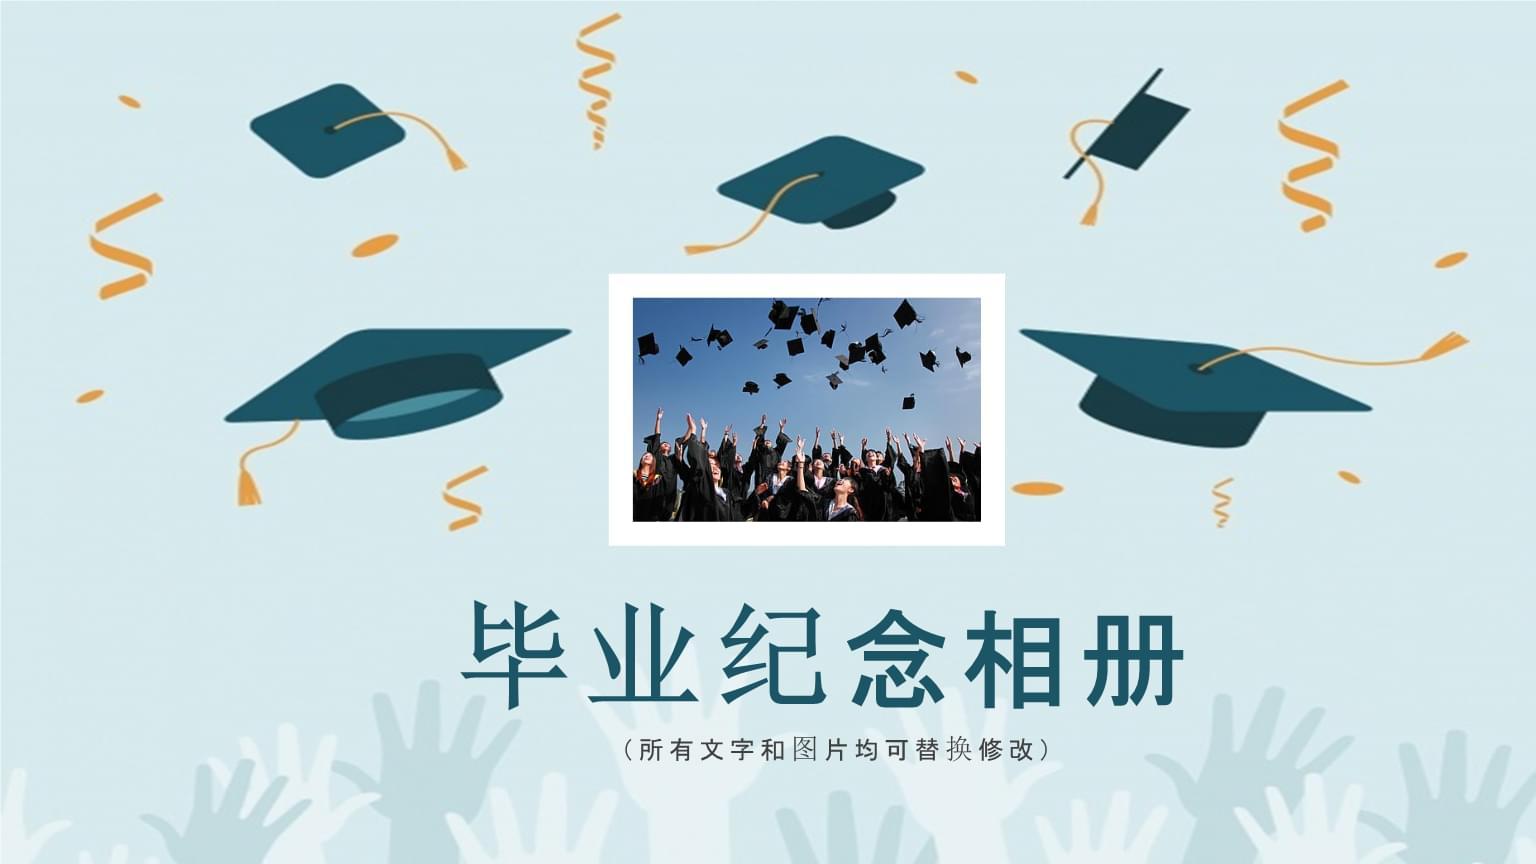 毕业纪念相册同学聚会PPT模板.pptx